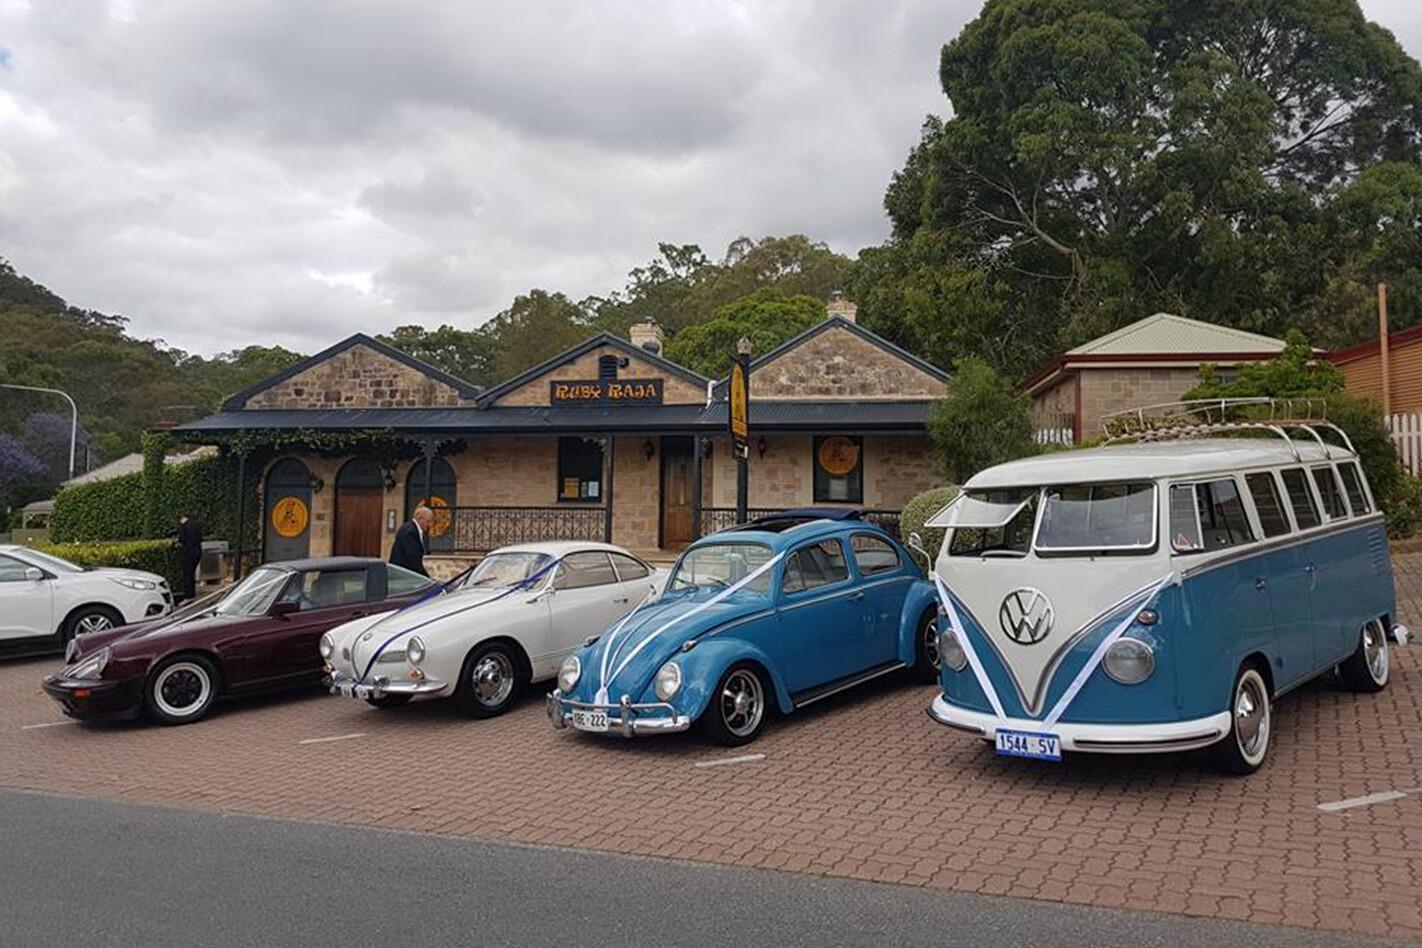 Paul O'Loughlin's wedding cars